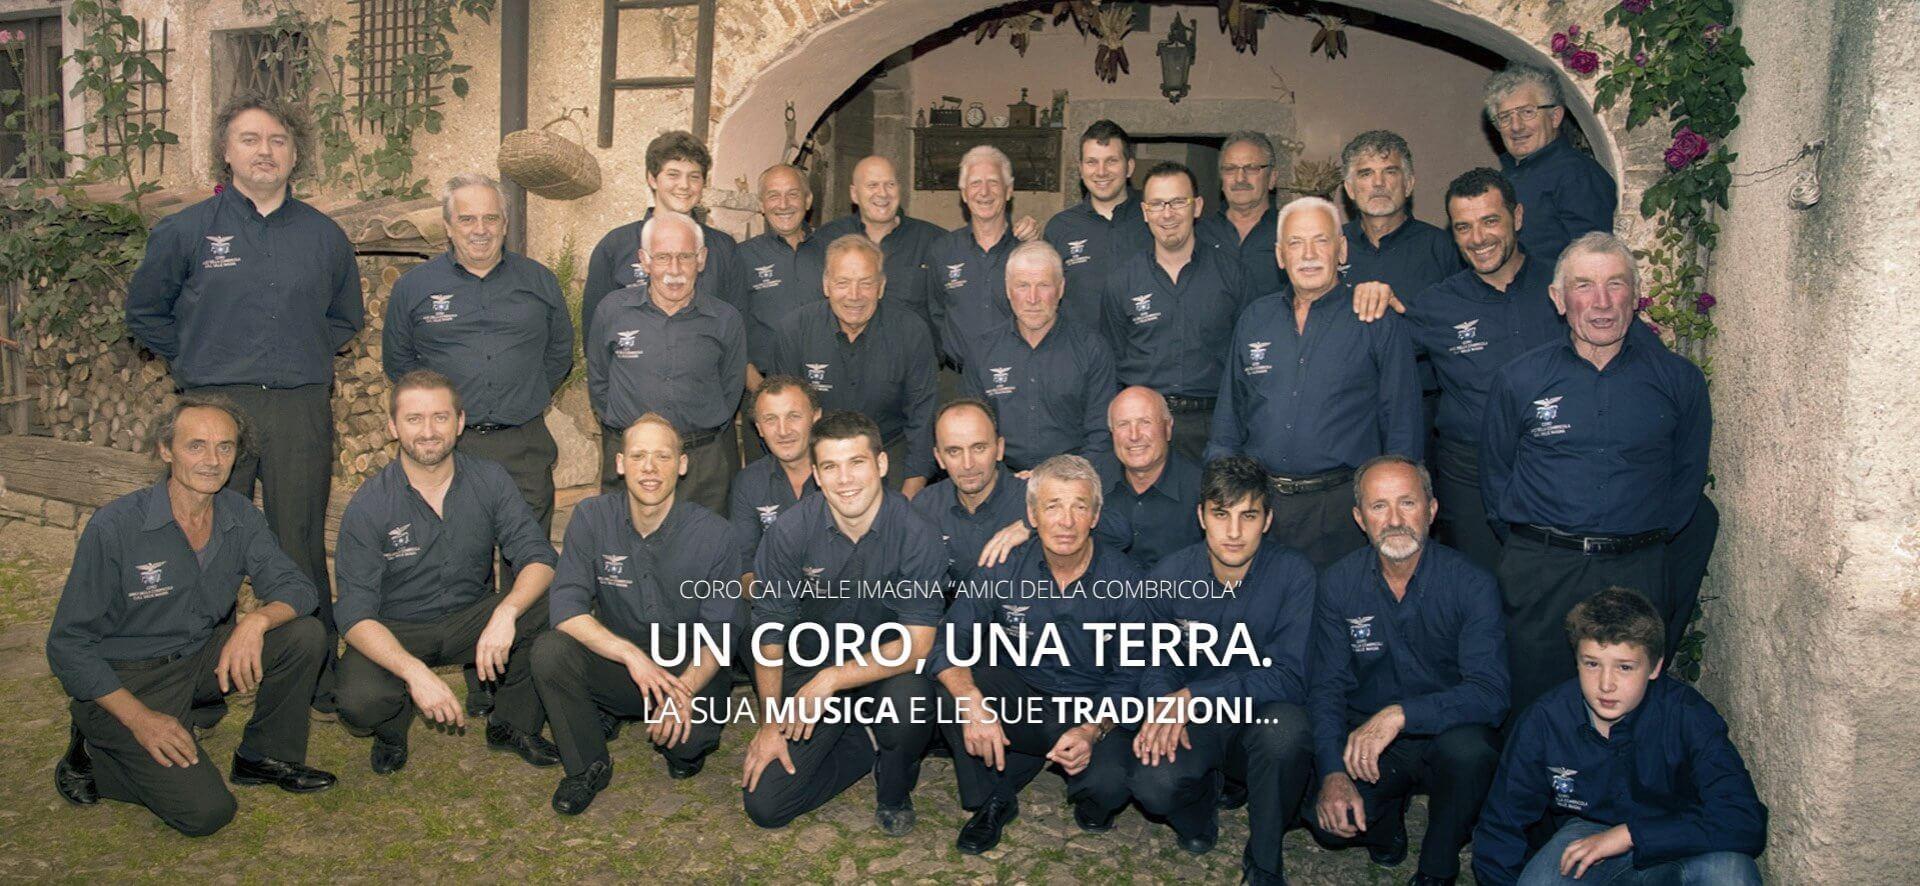 Coro CAI Valle Imagna - Amici della Combricola. Un coro, una terra. La sua musica e le sue tradizioni...